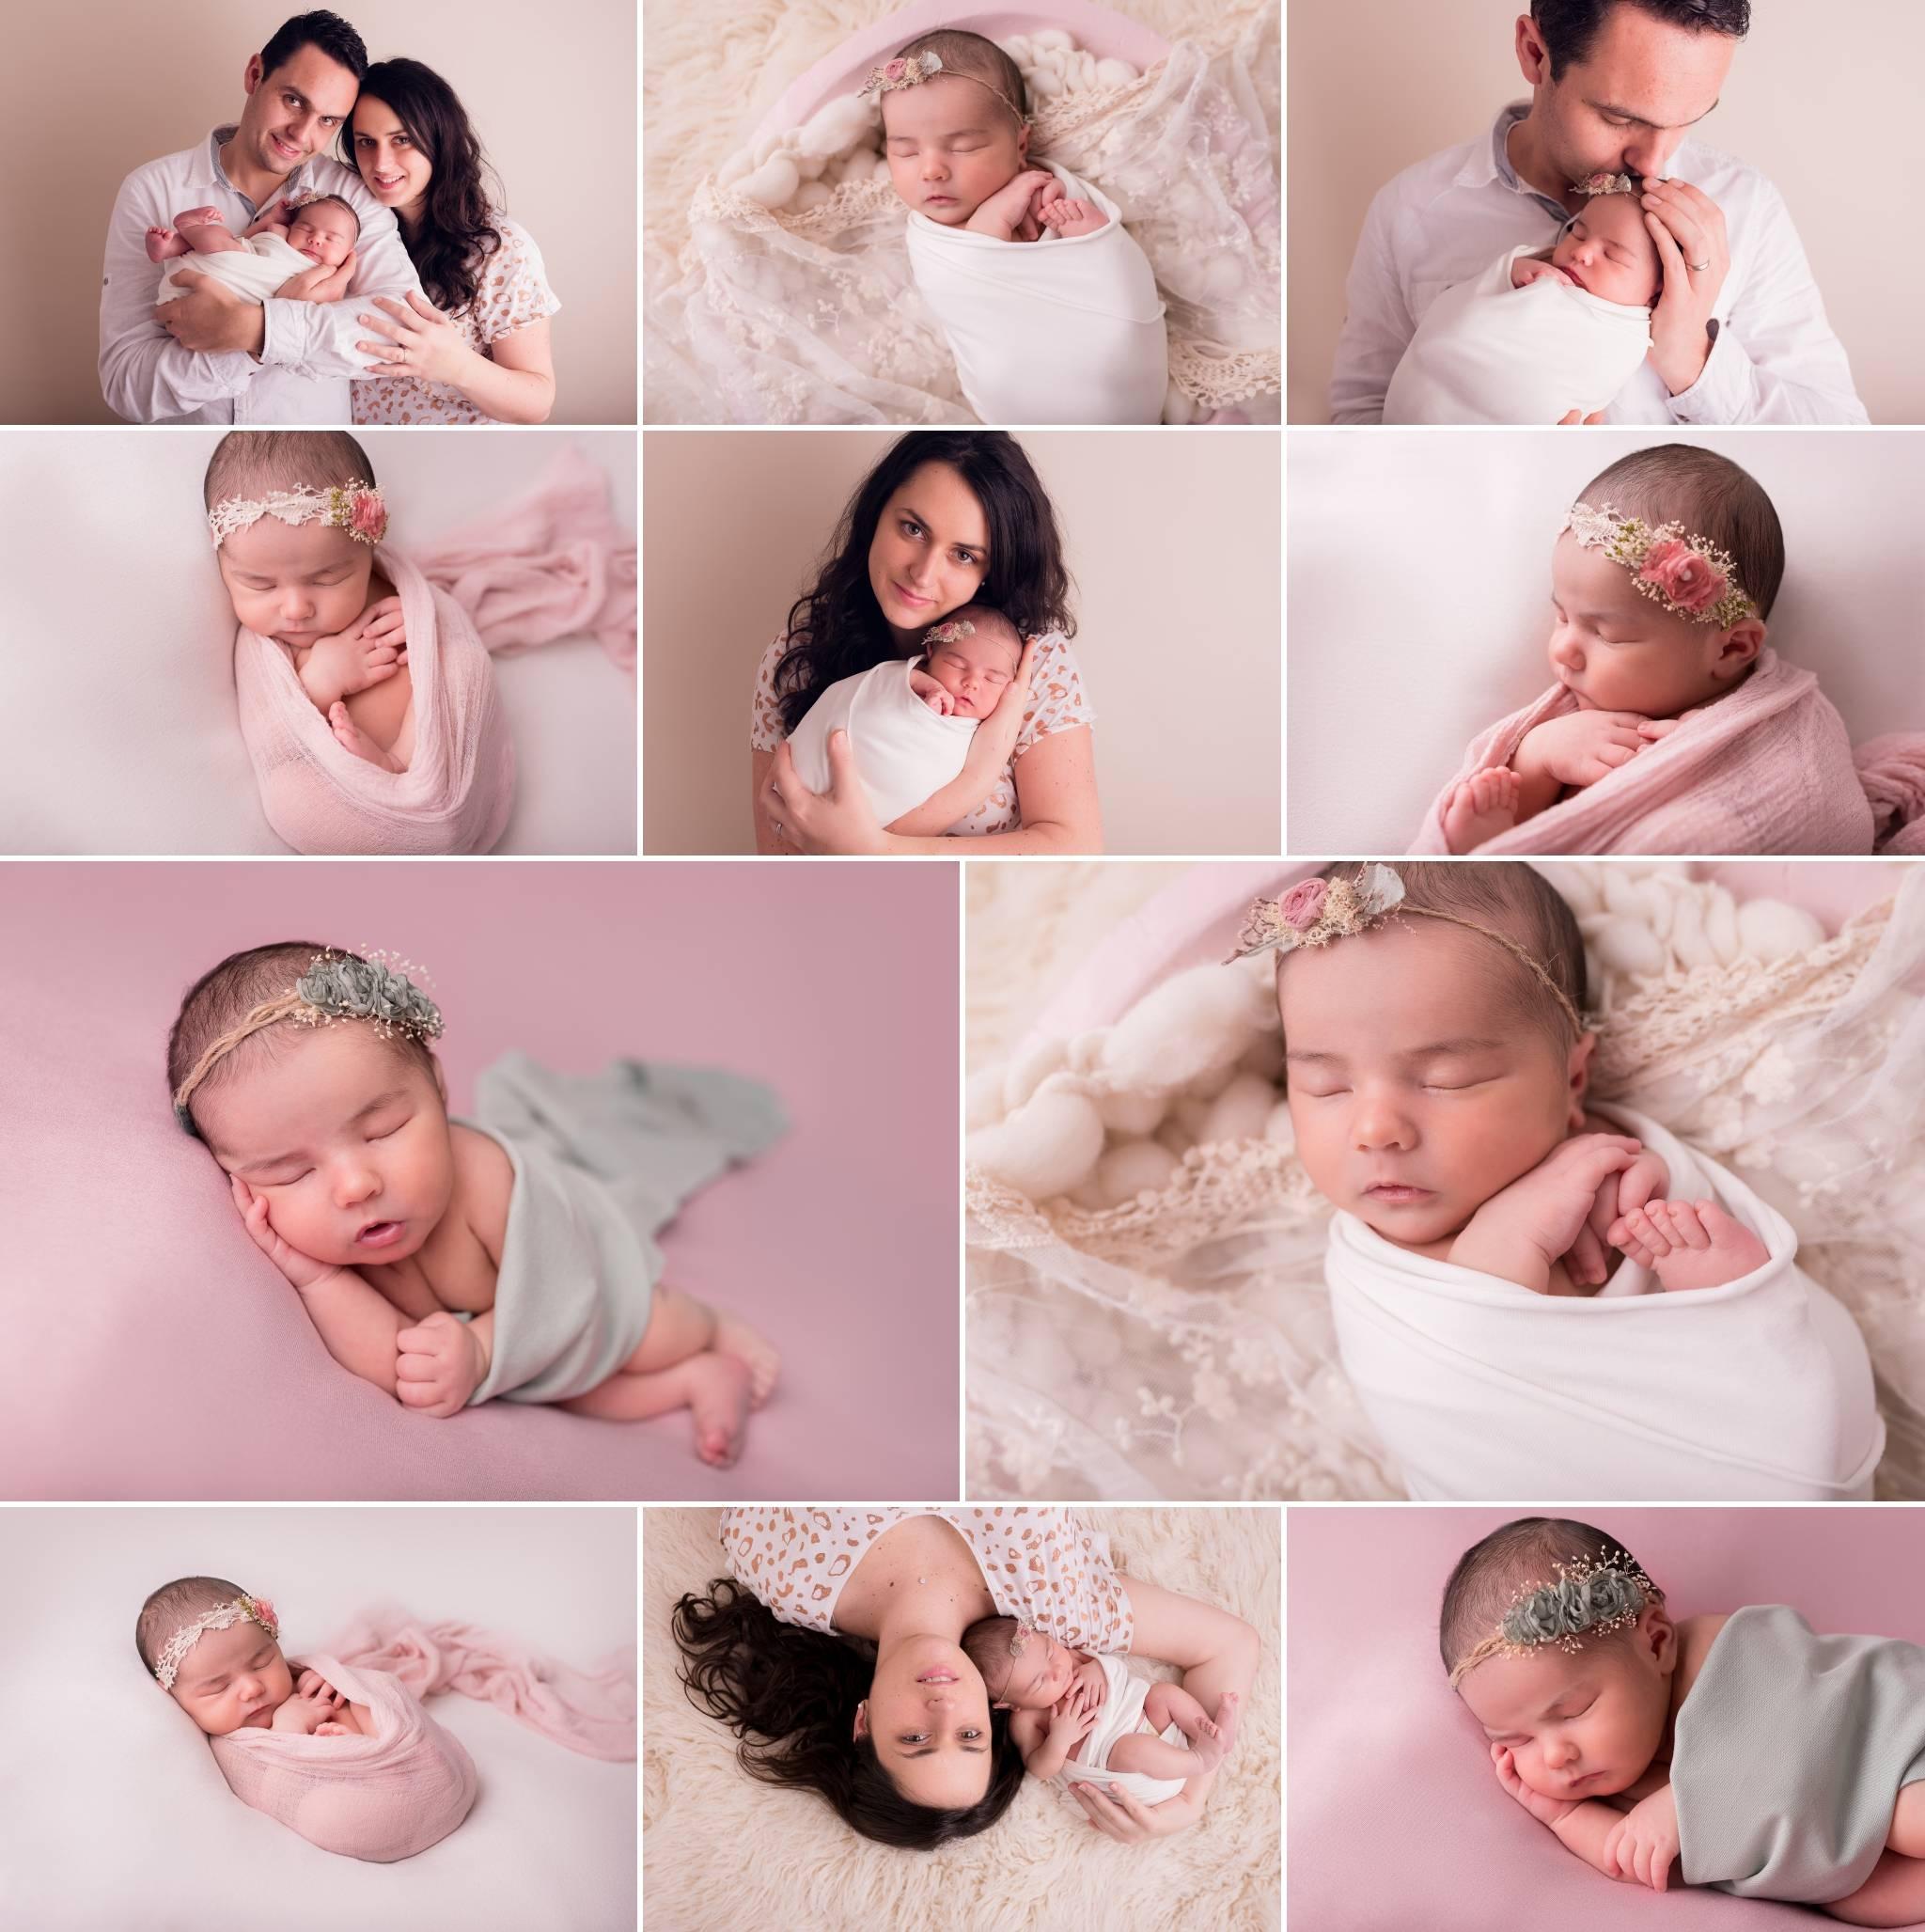 séance nouveau-né Alice petits minois photographe brest